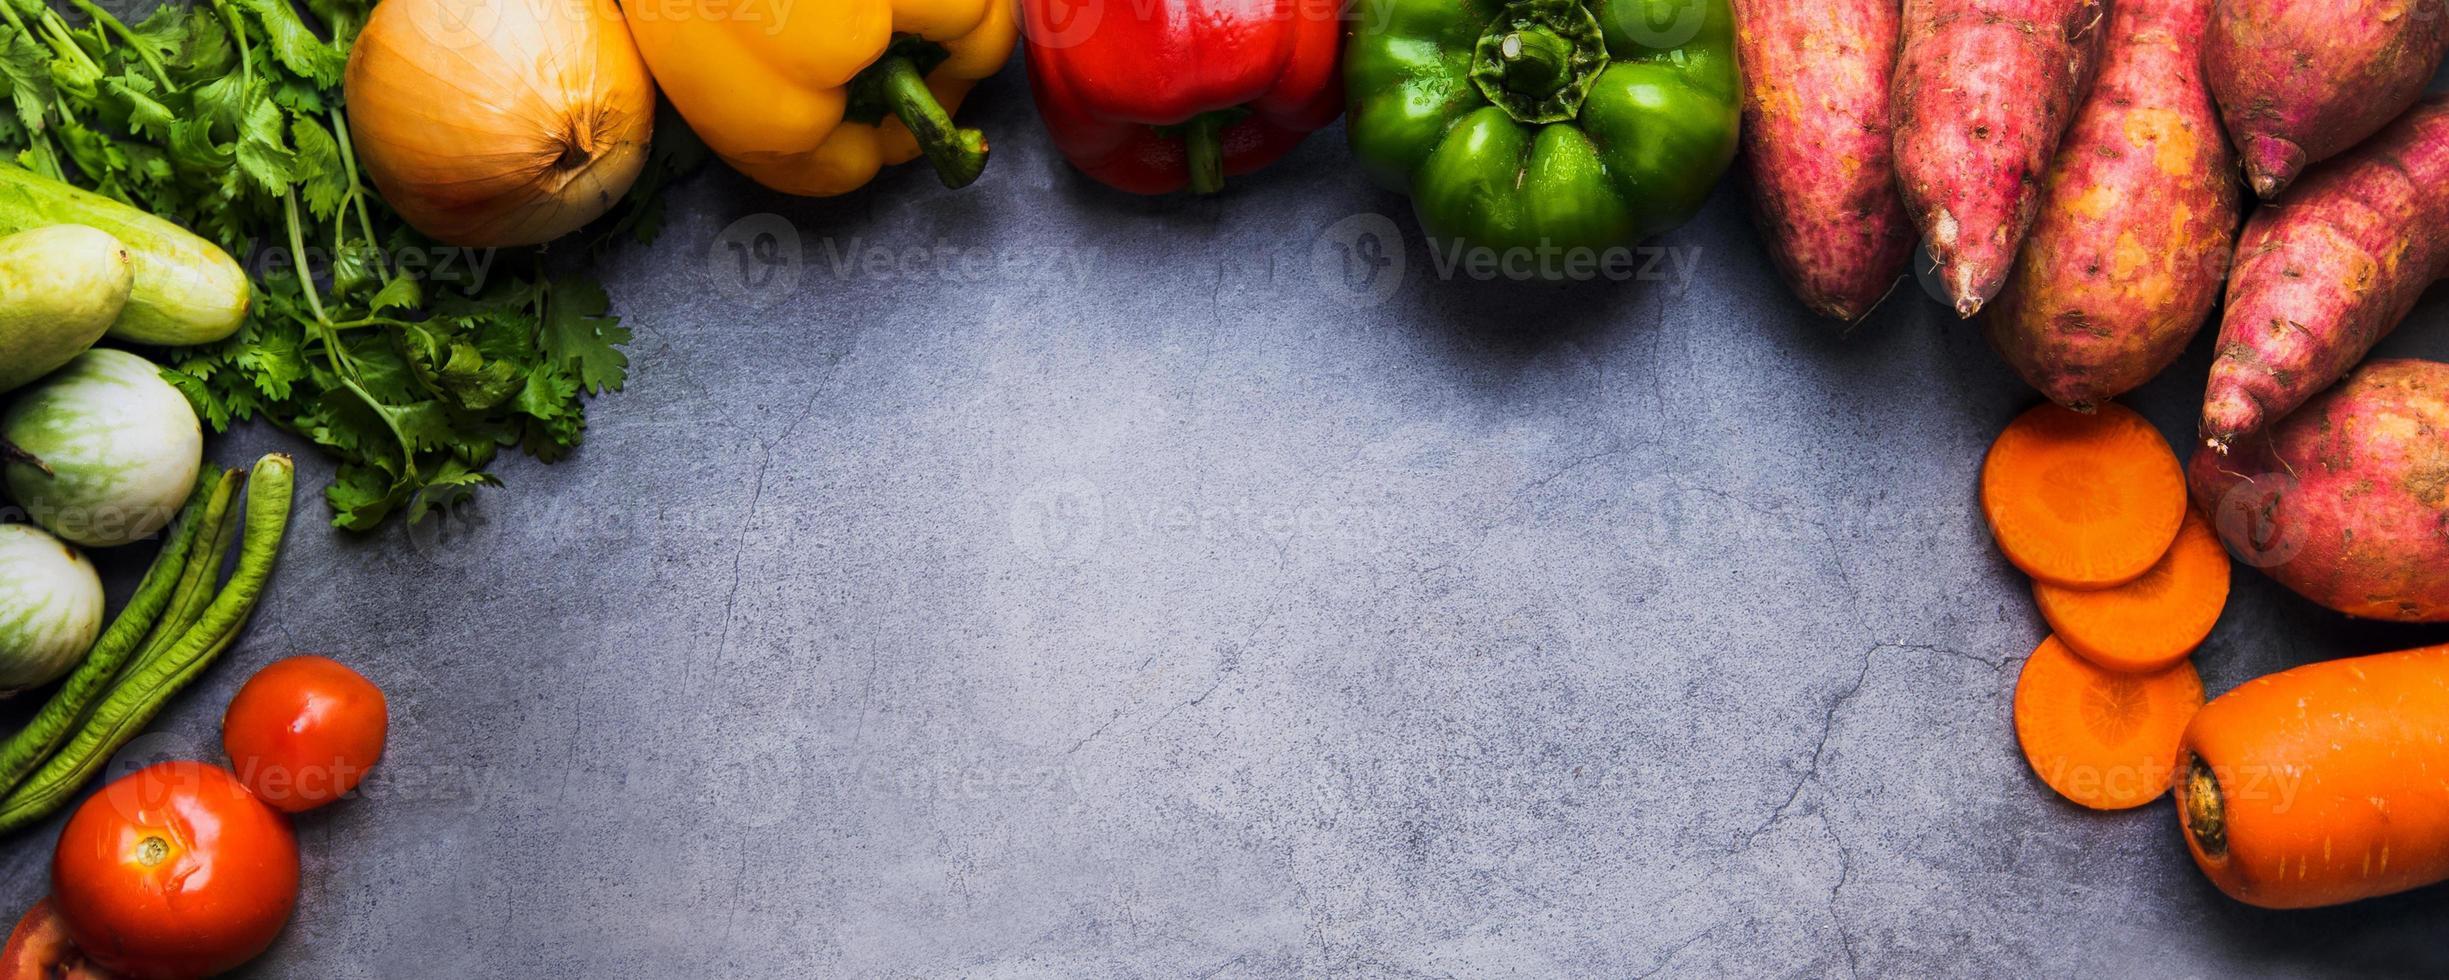 patates douces, carottes et poivrons photo